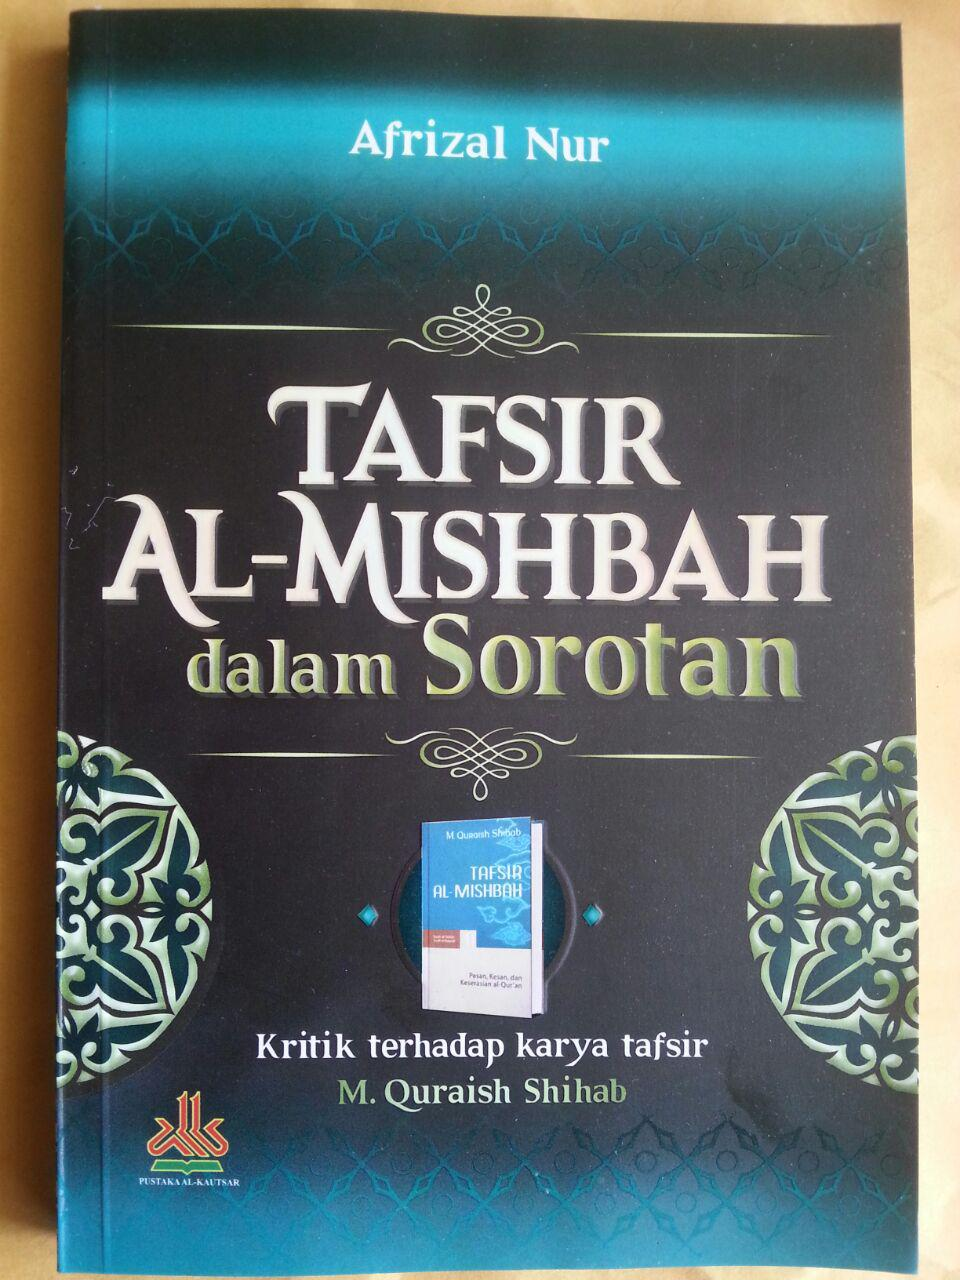 Buku Tafsir Al-Mishbah Dalam Sorotan cover 2